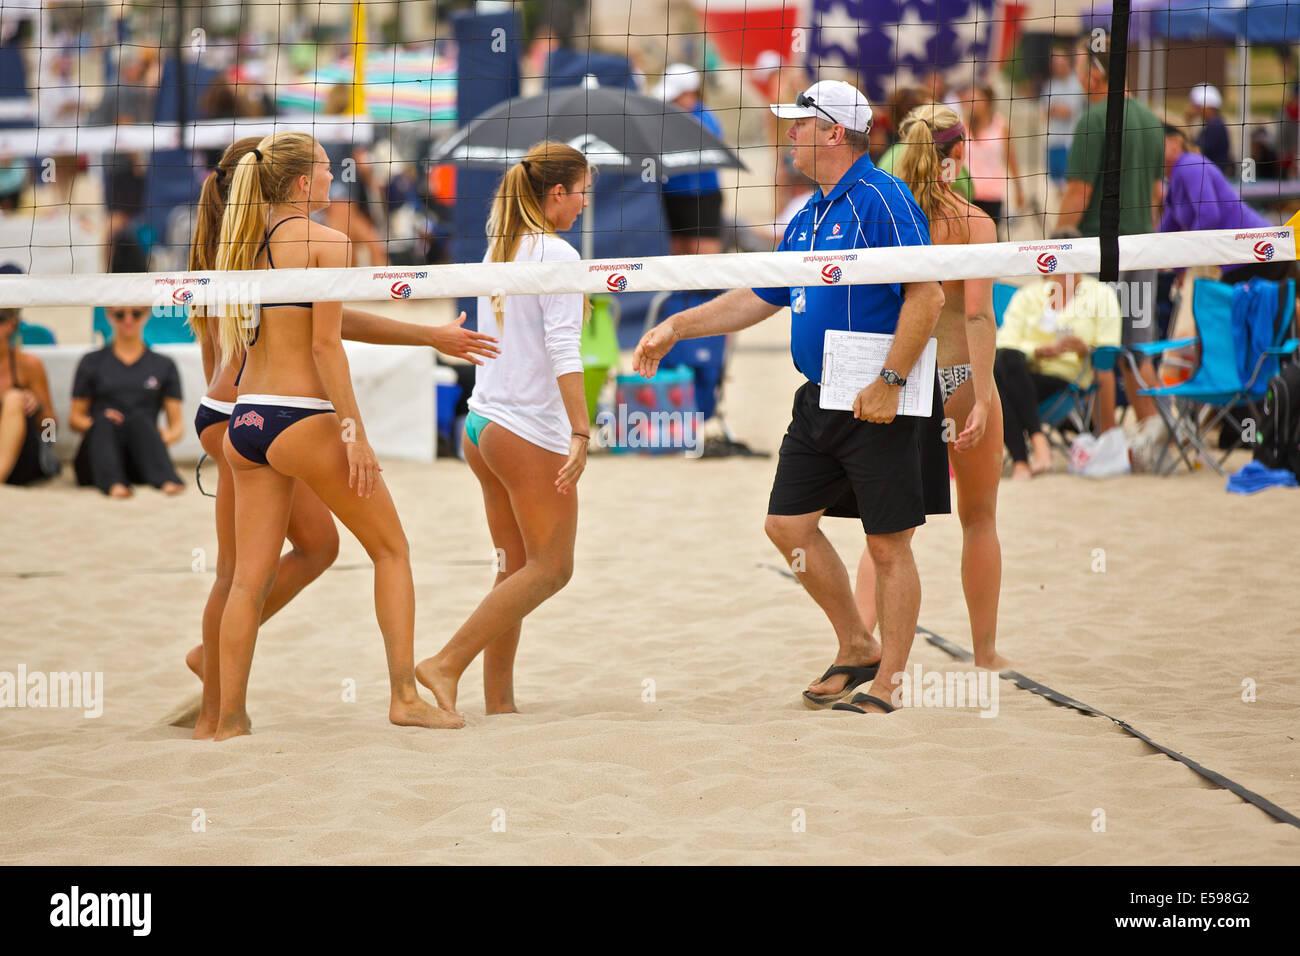 Incontri a Hermosa Beach